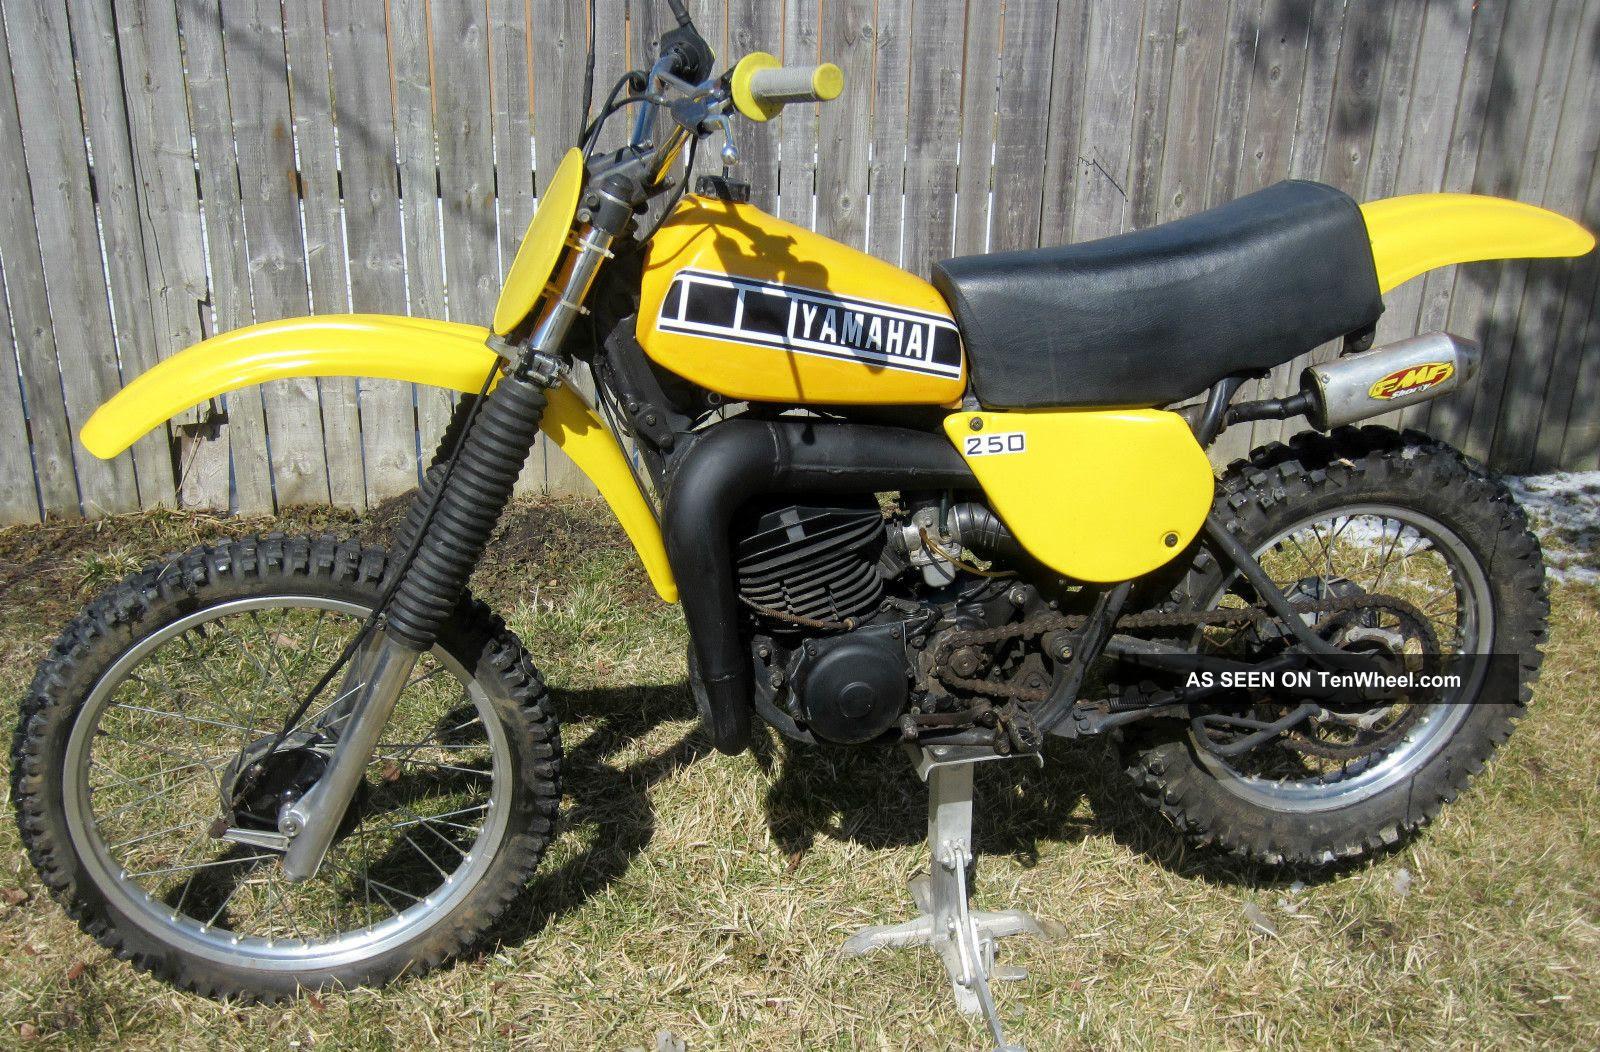 Vintage Yamaha Dirt Bikes